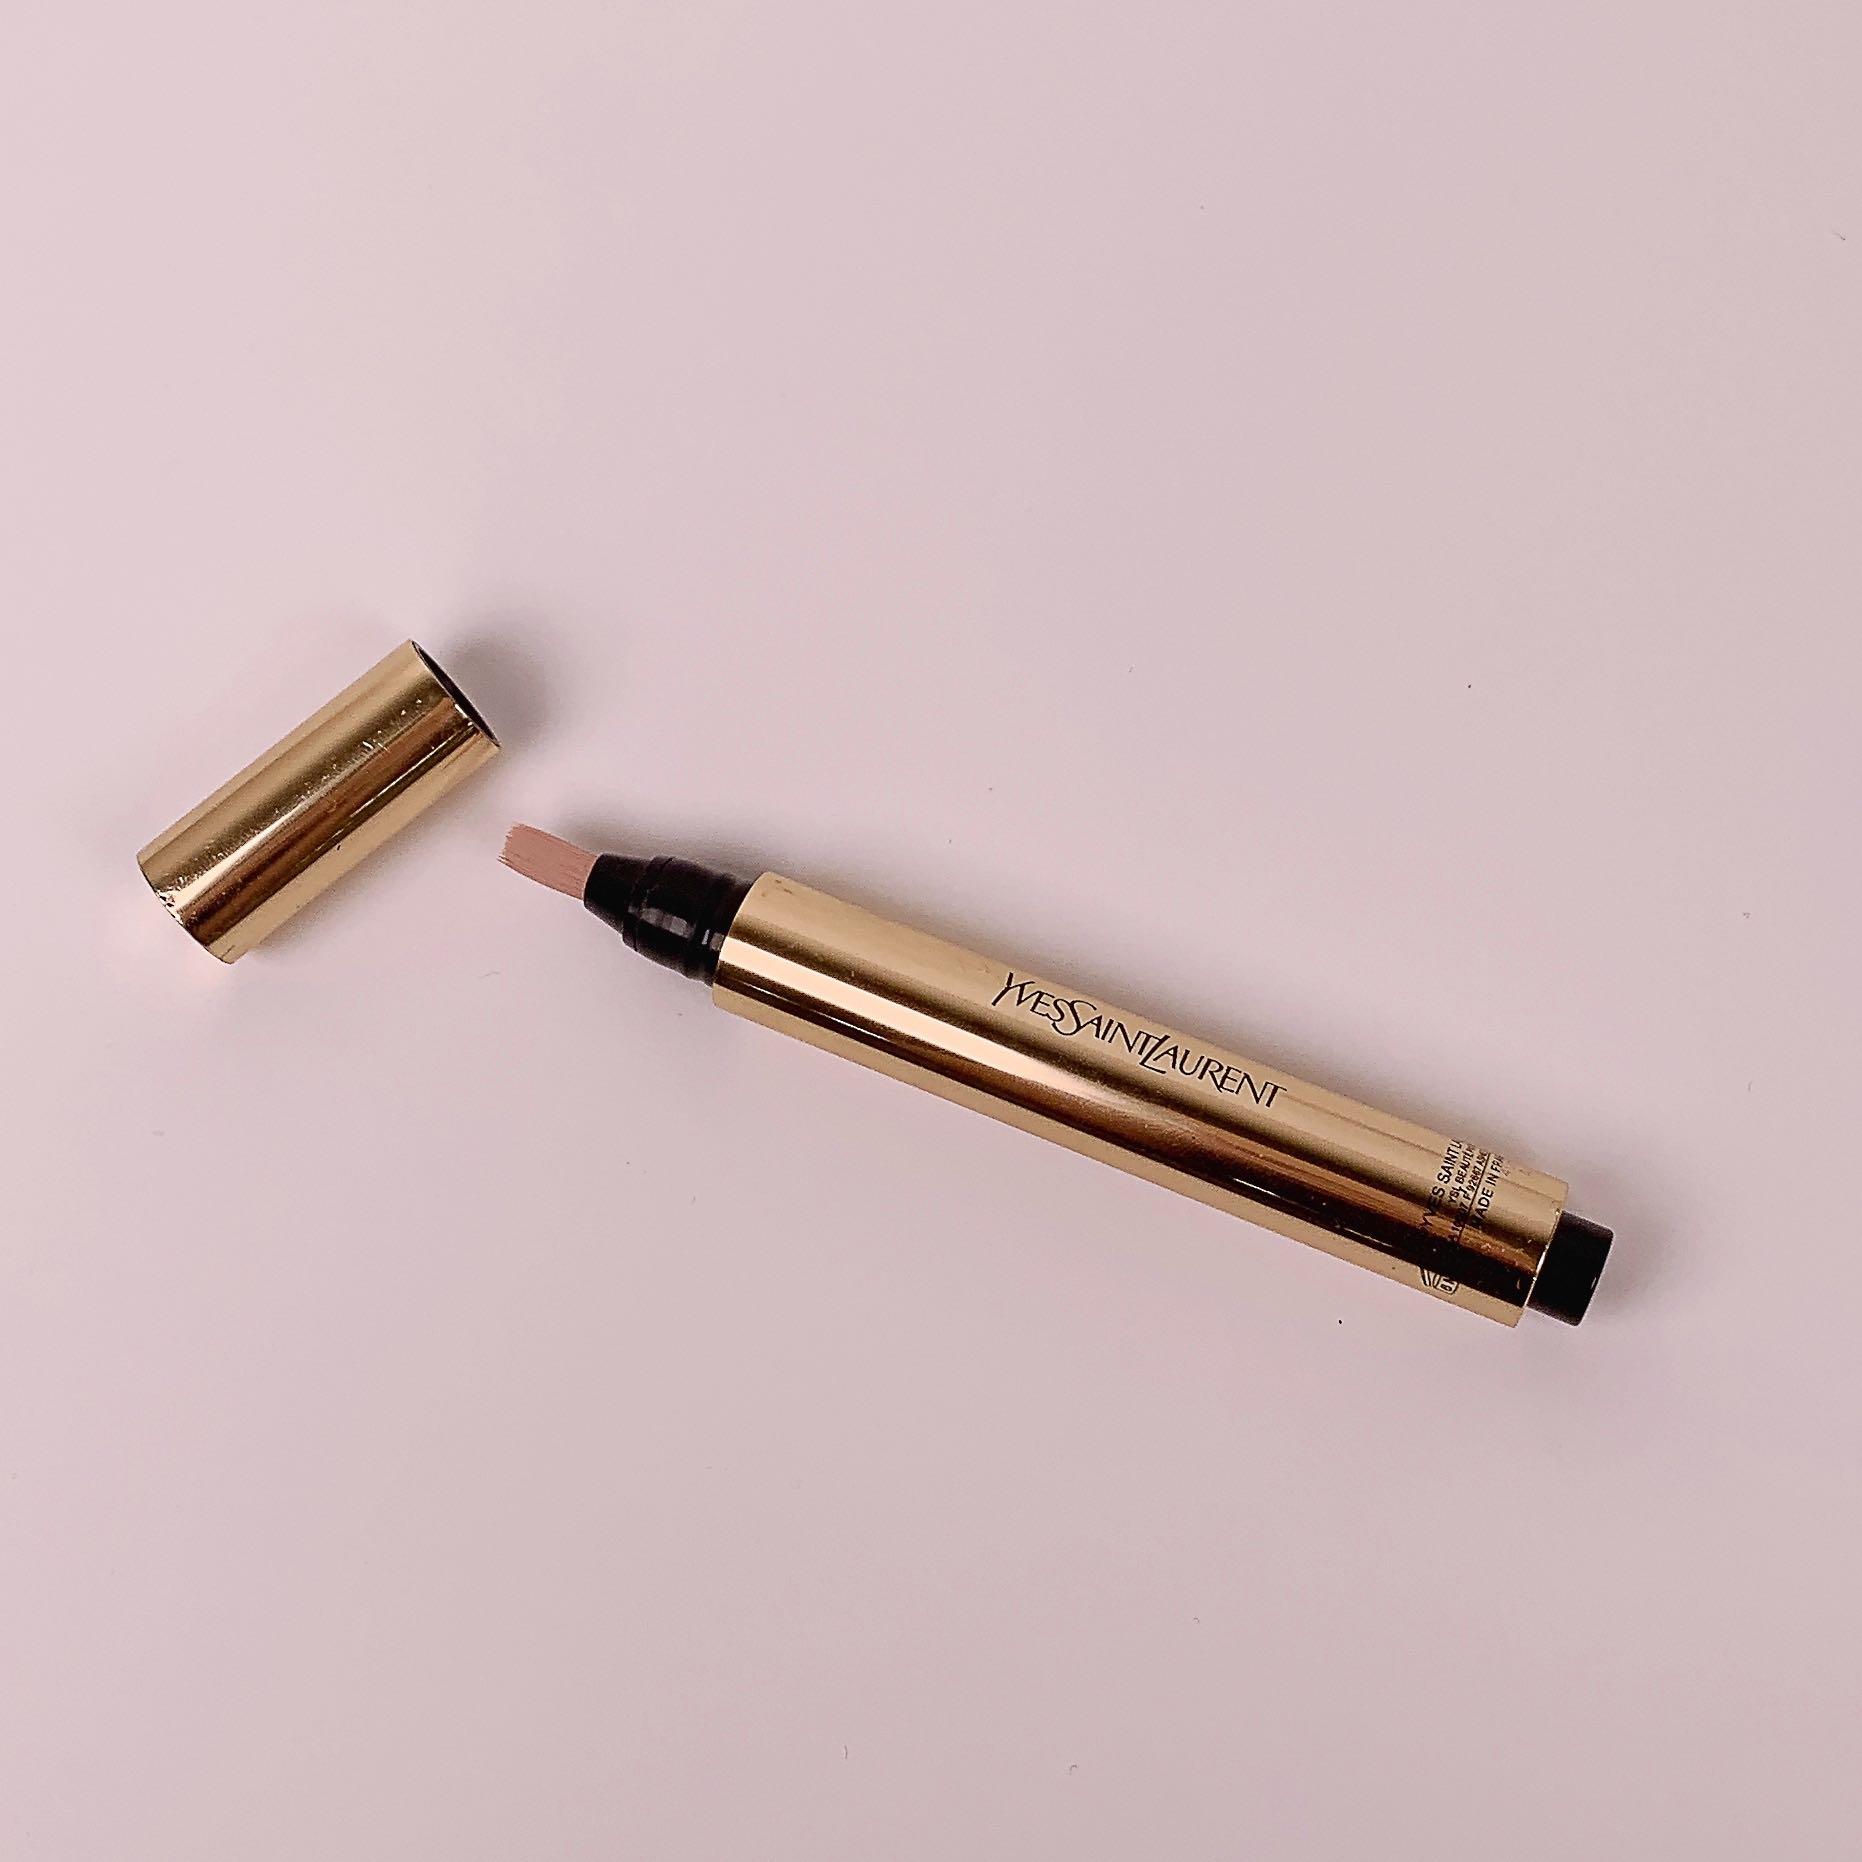 言わずと知れた名品!「魔法の筆ペン」イヴ・サンローラン ラディアントタッチはハイライト効果も抜群な万能コンシーラーに関する画像